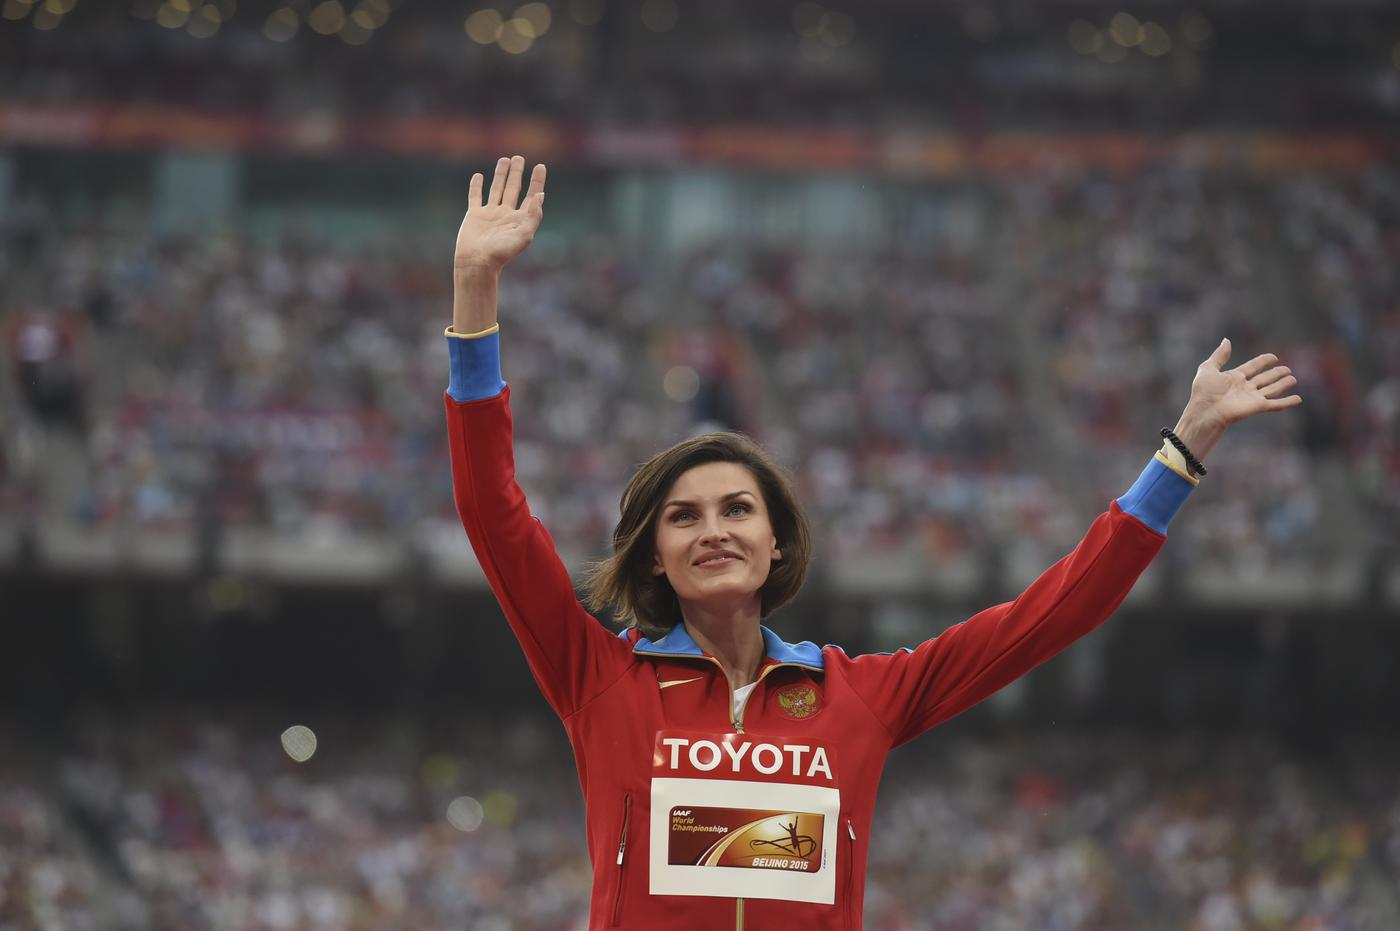 Олимпийская чемпионка Чичерова выиграла на Кубке России, Ласицкене не приехала - фото